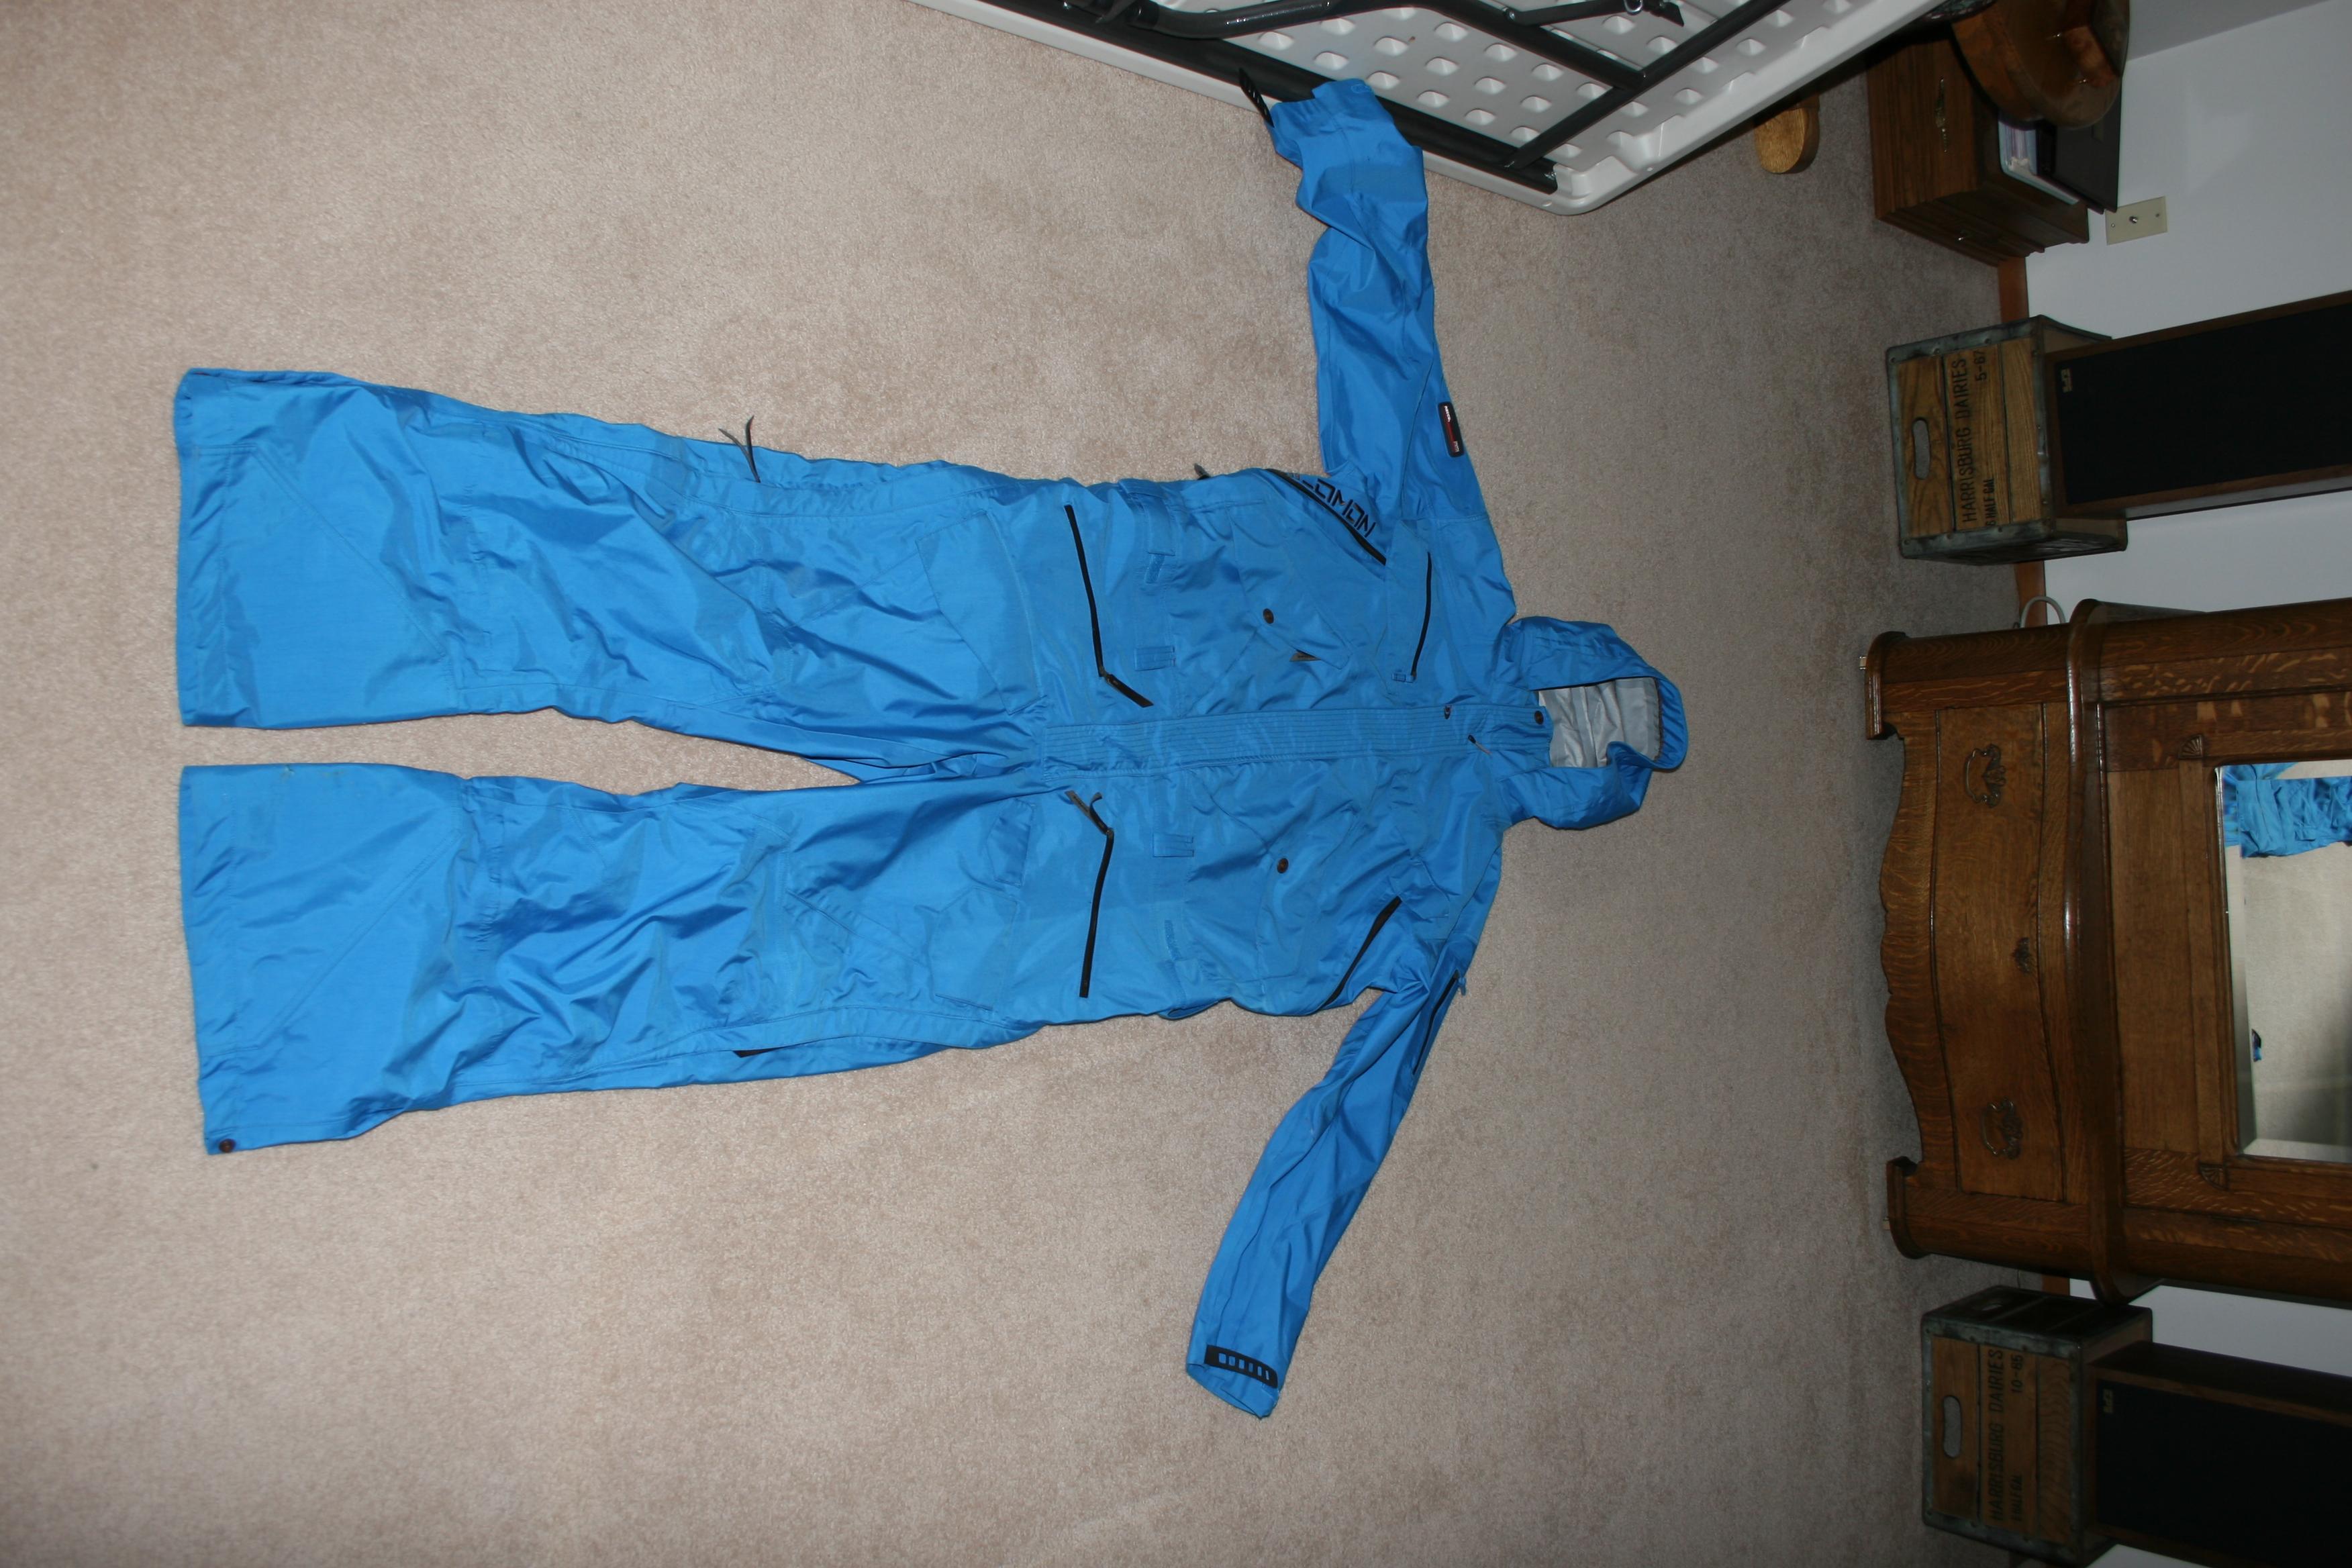 XL Conspiracy suit.